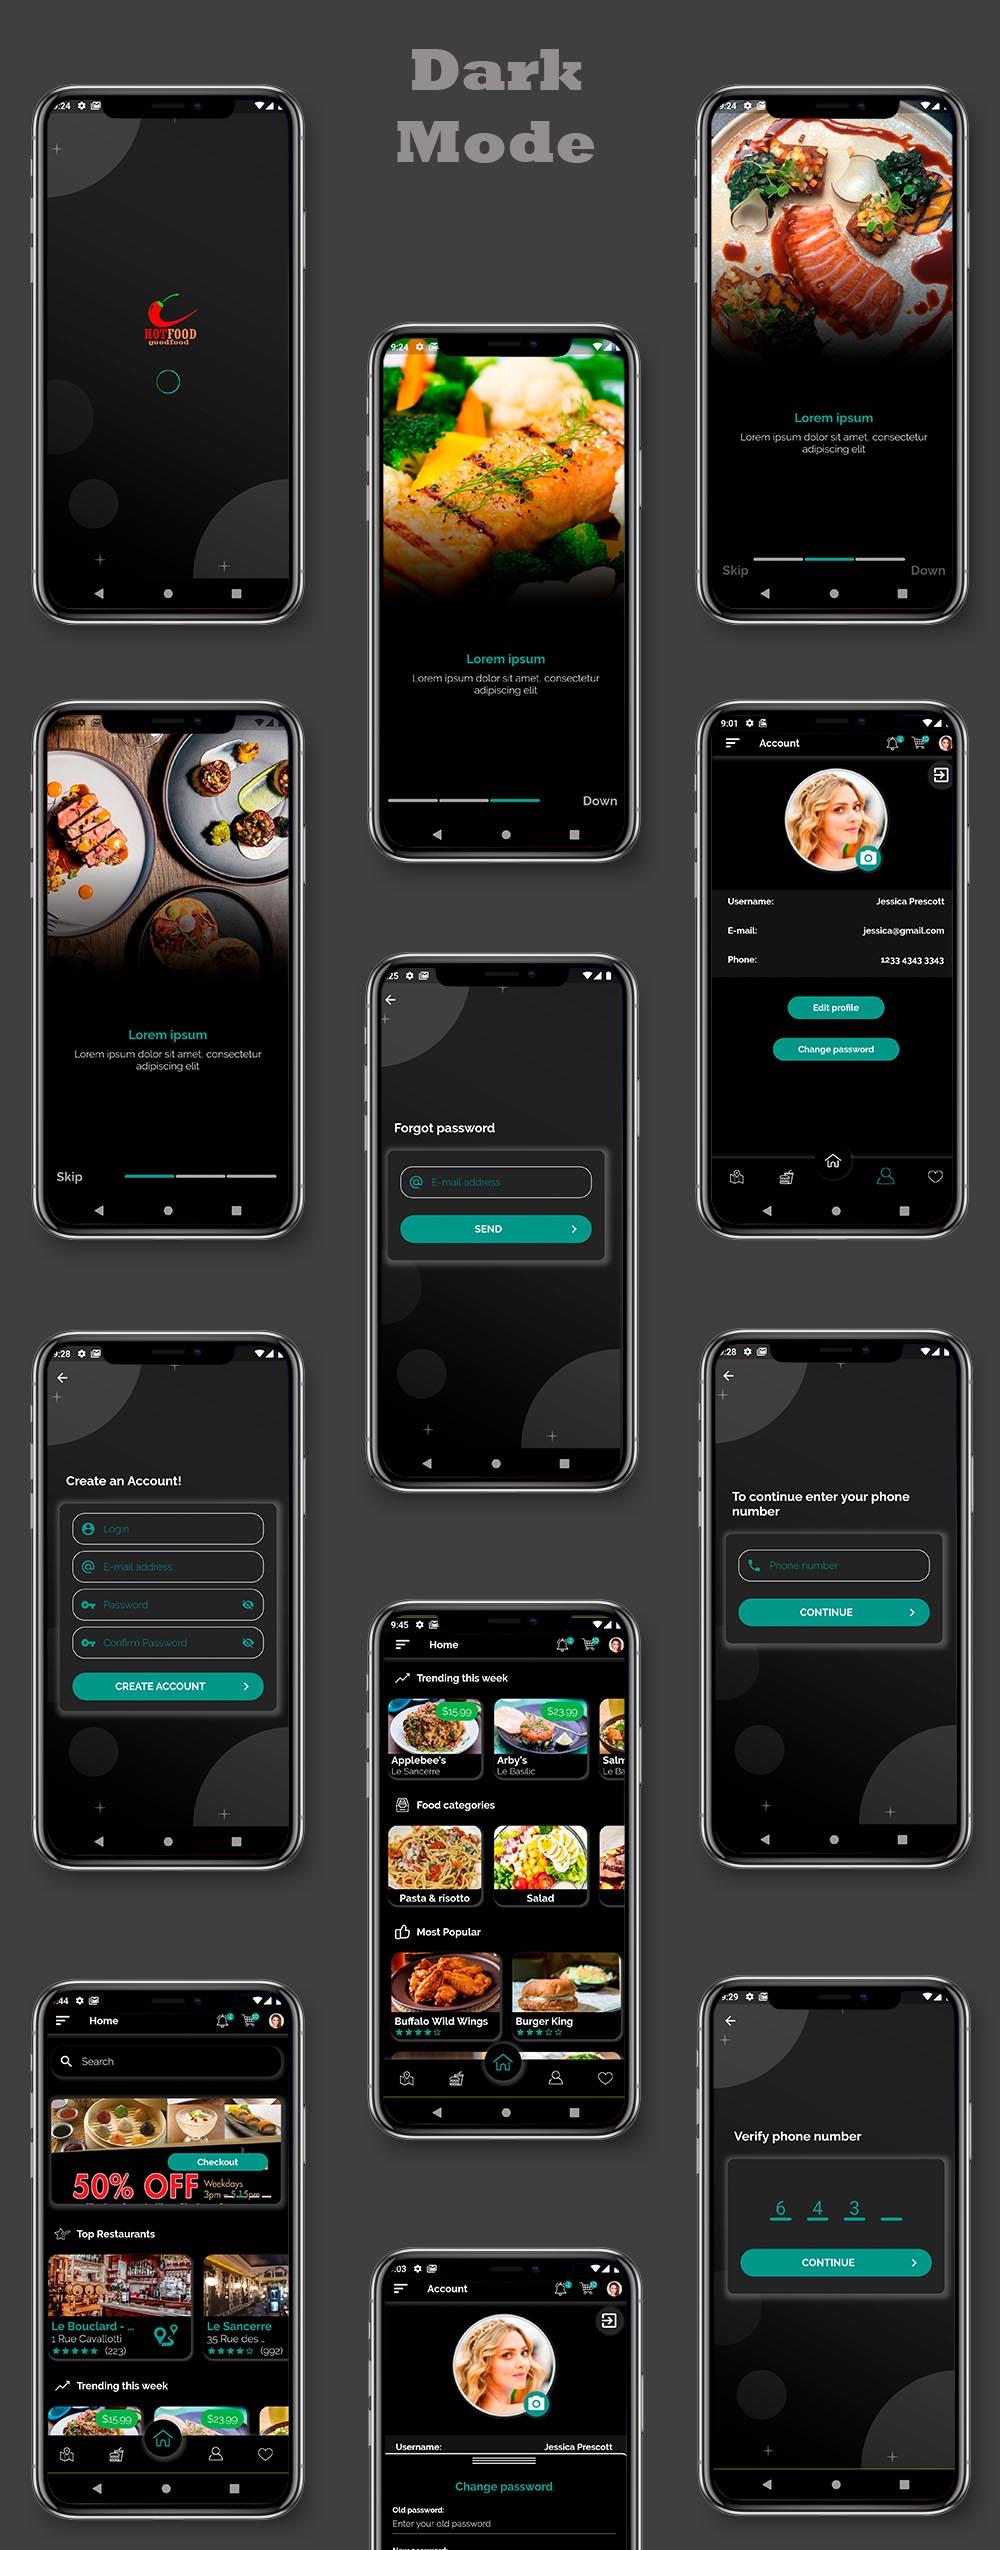 Kit d'interface utilisateur de livraison de nourriture dans Flutter - 3 applications - Application client + application de livraison + application propriétaire - 7